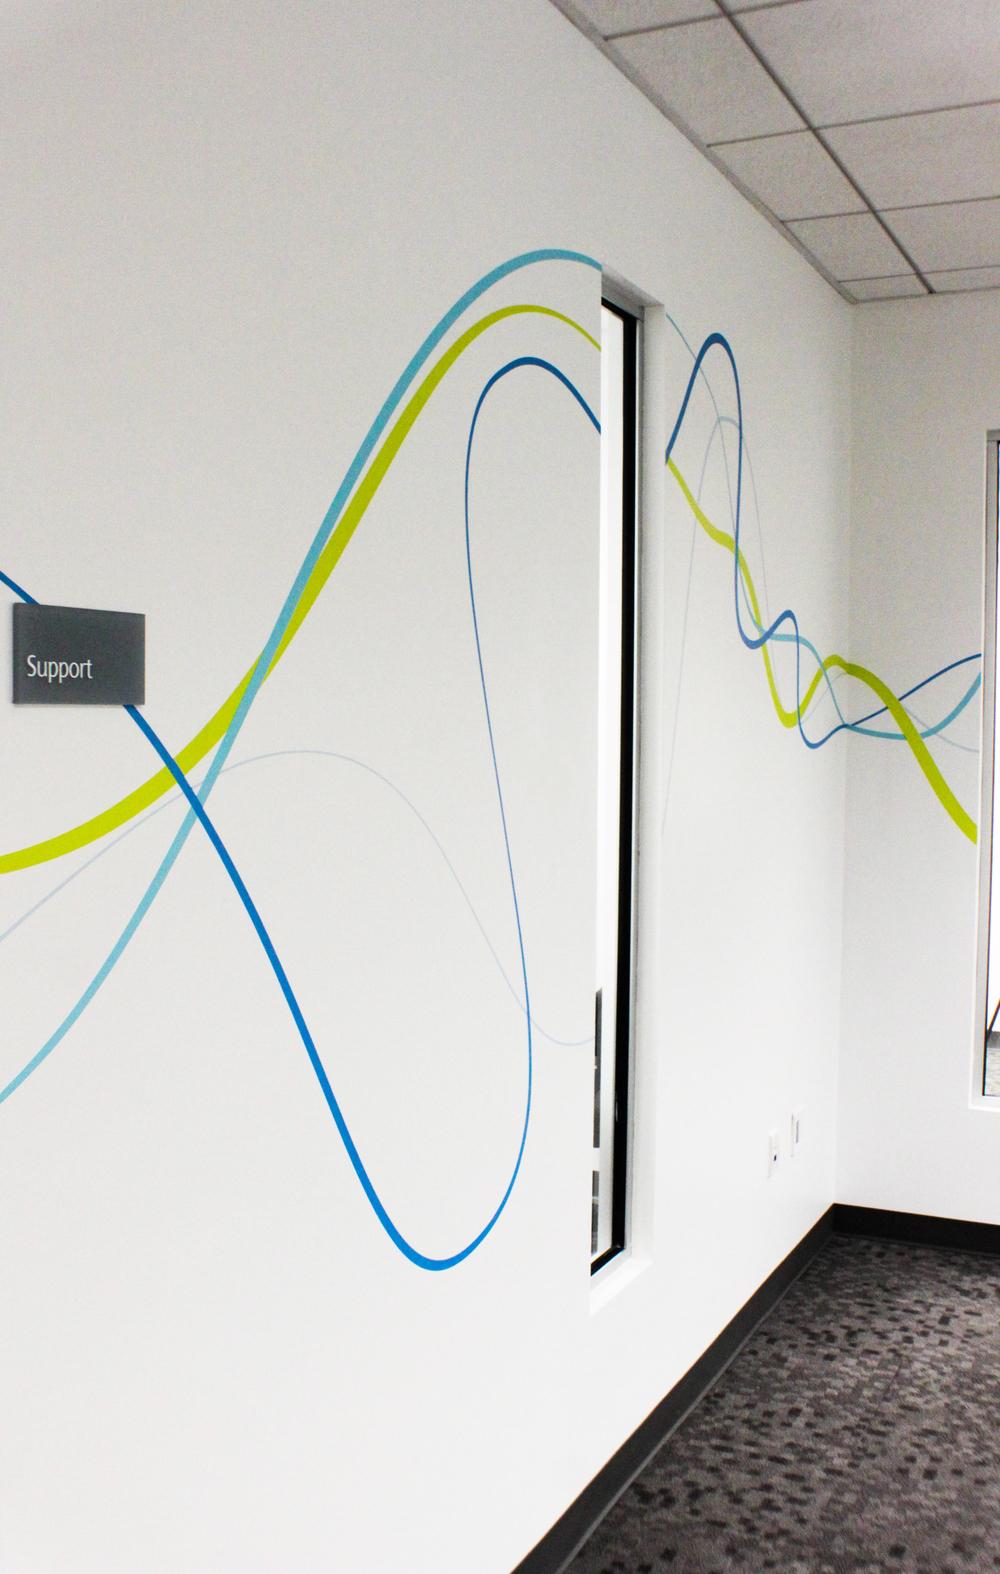 support hallway.jpg